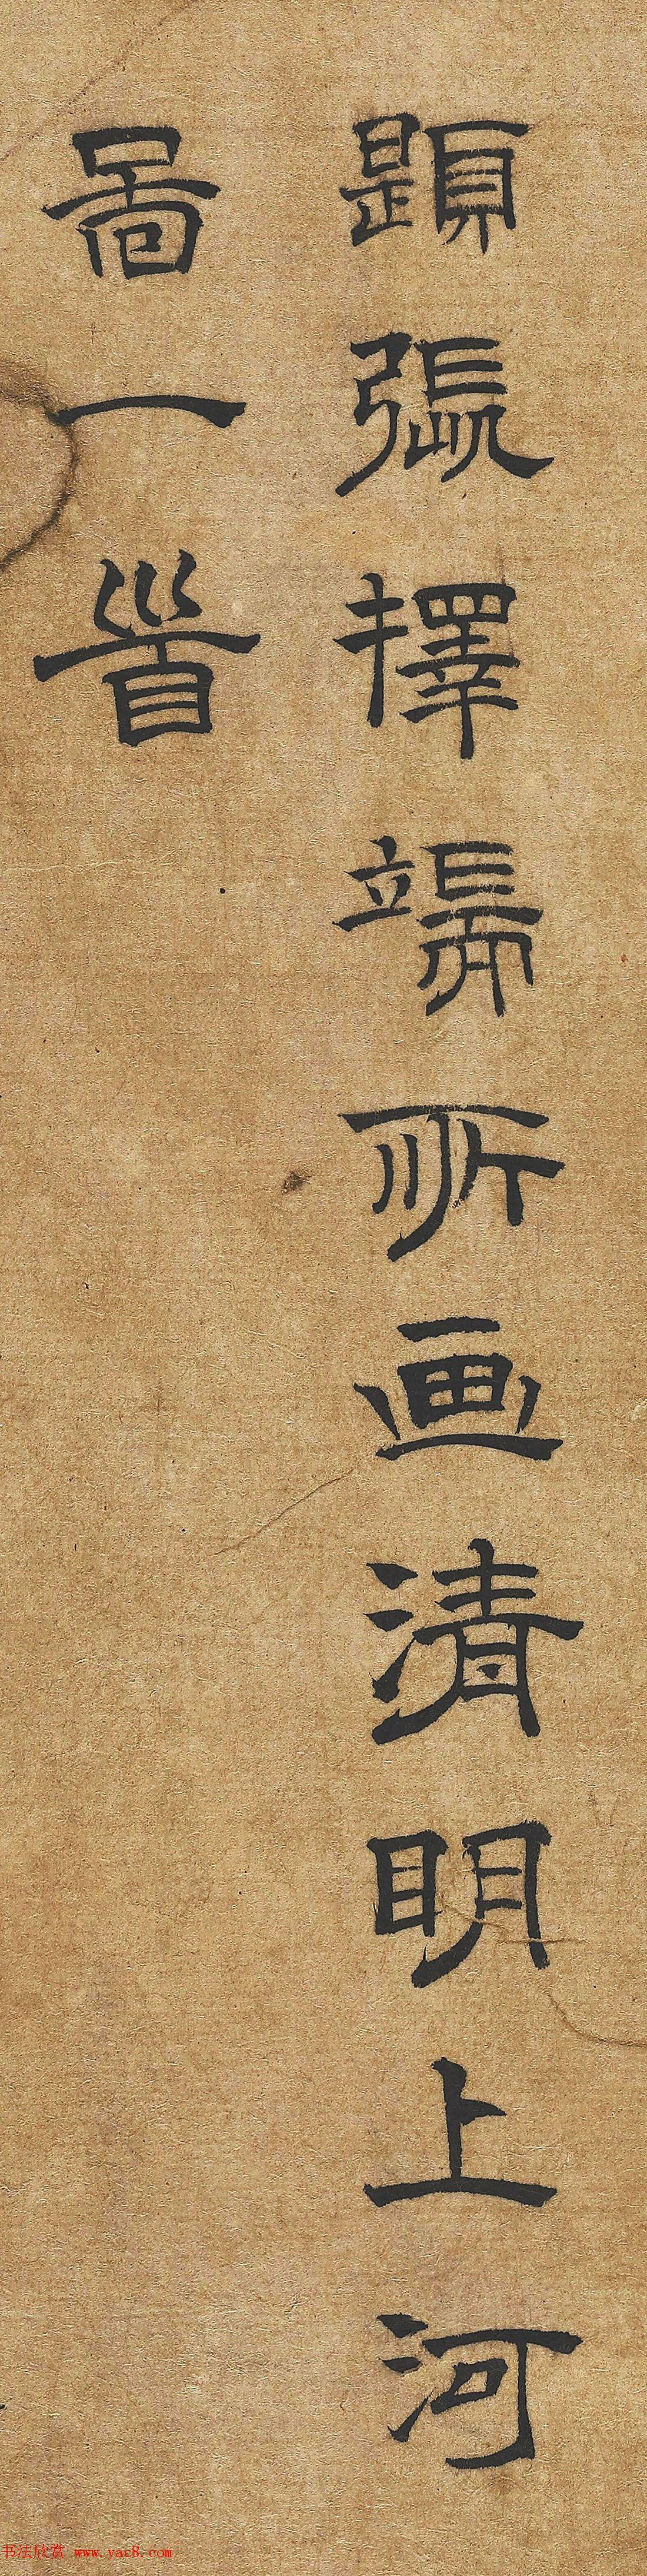 欧阳玄隶书题张择端清明上河图一首